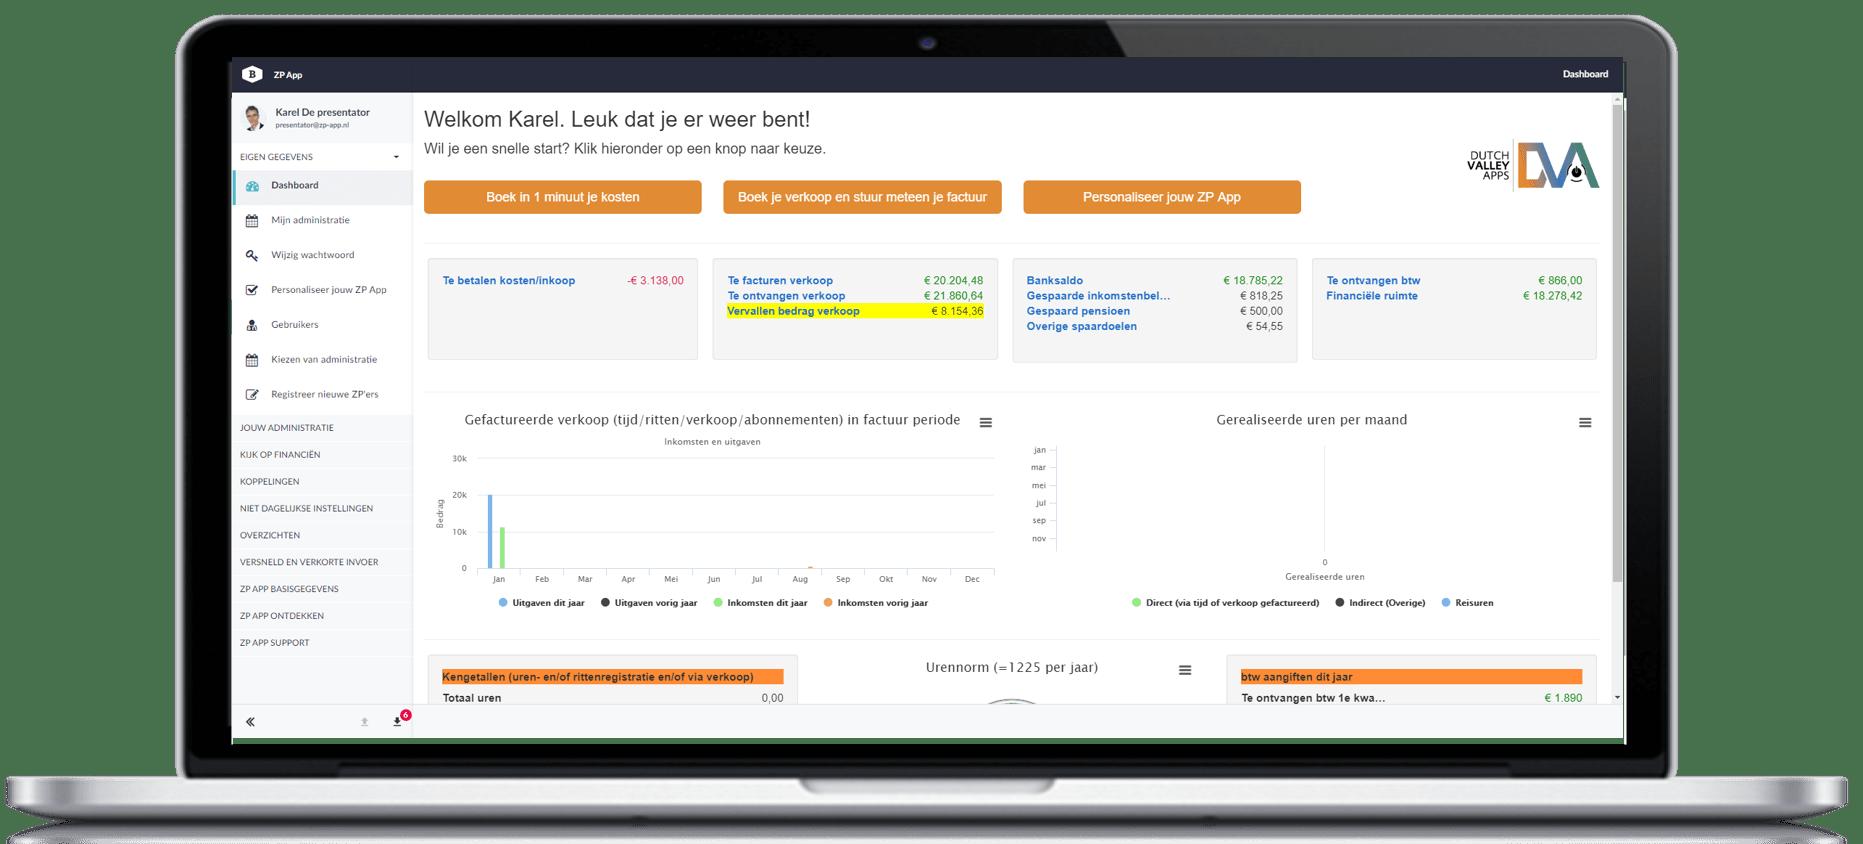 sparen-spaardoelen-gegenereerd-spaarplan-gefiatteerd-en-geactualiseerd-en-zichtbaar-in-dashboard-zp-app